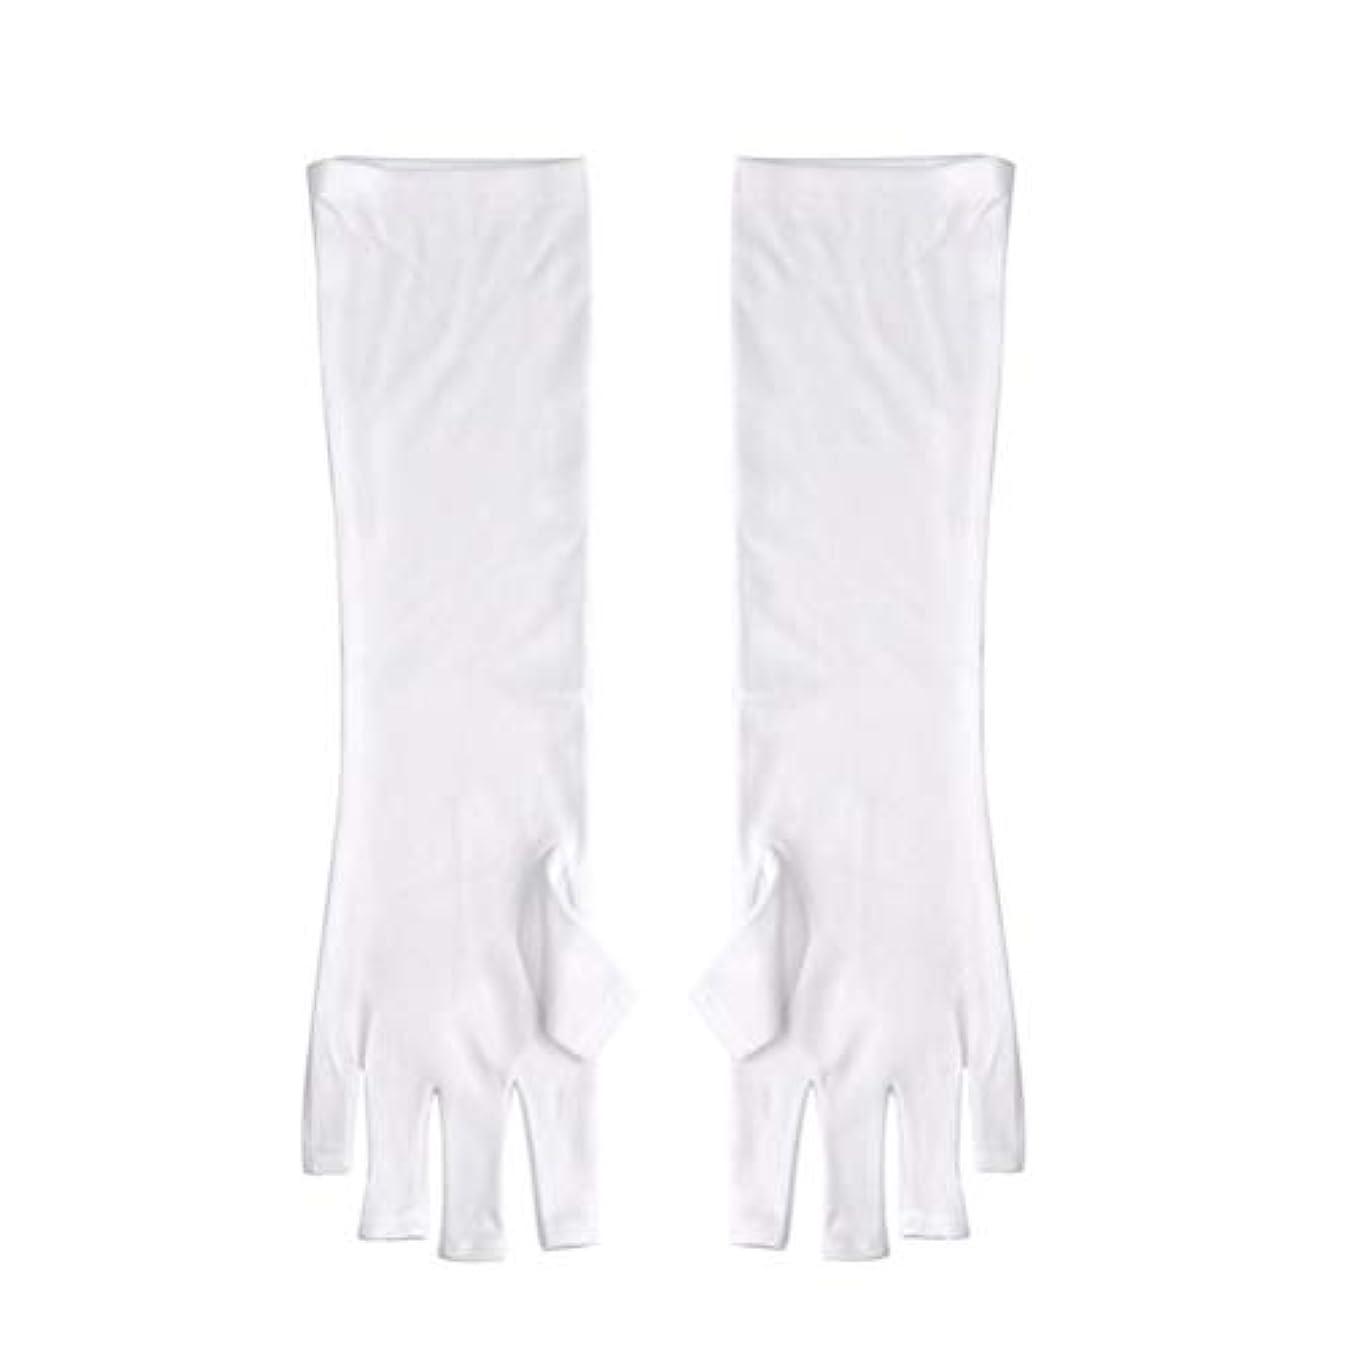 プレゼン申し立てる宿題をするFrcolor ネイルUVシールド手袋 ネイルアートグローブ 紫外線防止 マニキュア抗UVグローブ 半指 手保護 マニキュアドライヤーツール